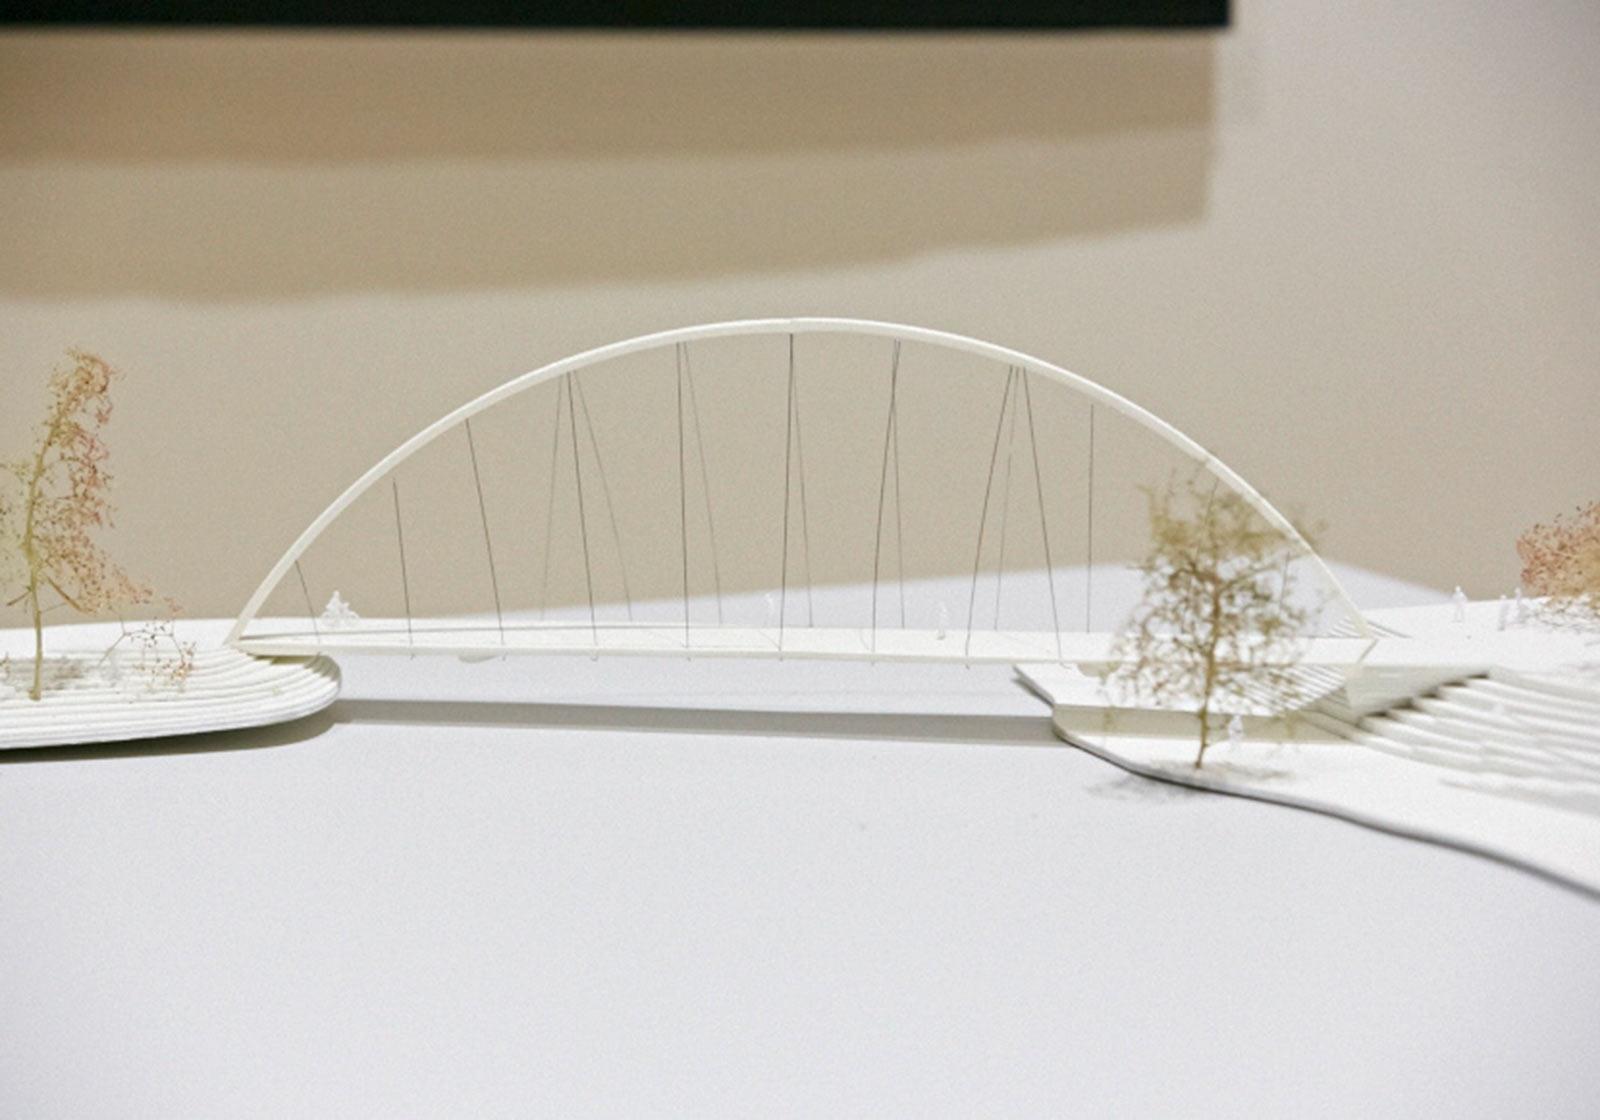 """2. Preis, """"BOU"""" Projektvorstellung: Architektur / TU-Wien: Nora HAMMELMANN, Philippe JANS Bauingenieur / TU-Wien: Kolo FISCHBACH. Foto: Zumtobel Group"""